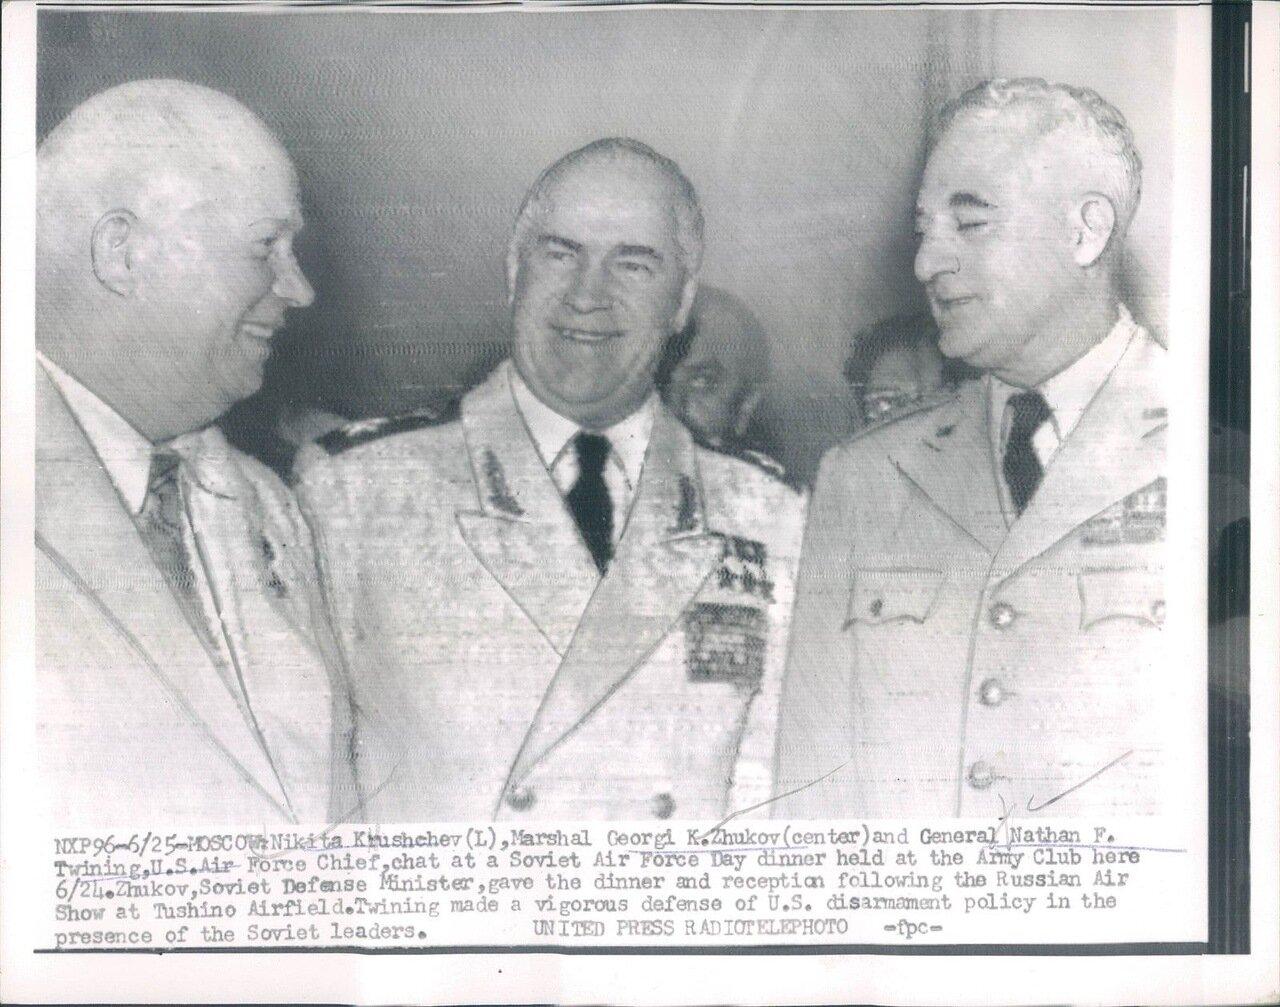 1956. Никита Хрущев, маршал Георгий Жуков и генерал Натан Твининг на обеде в честь дня Воздушного Флота СССР